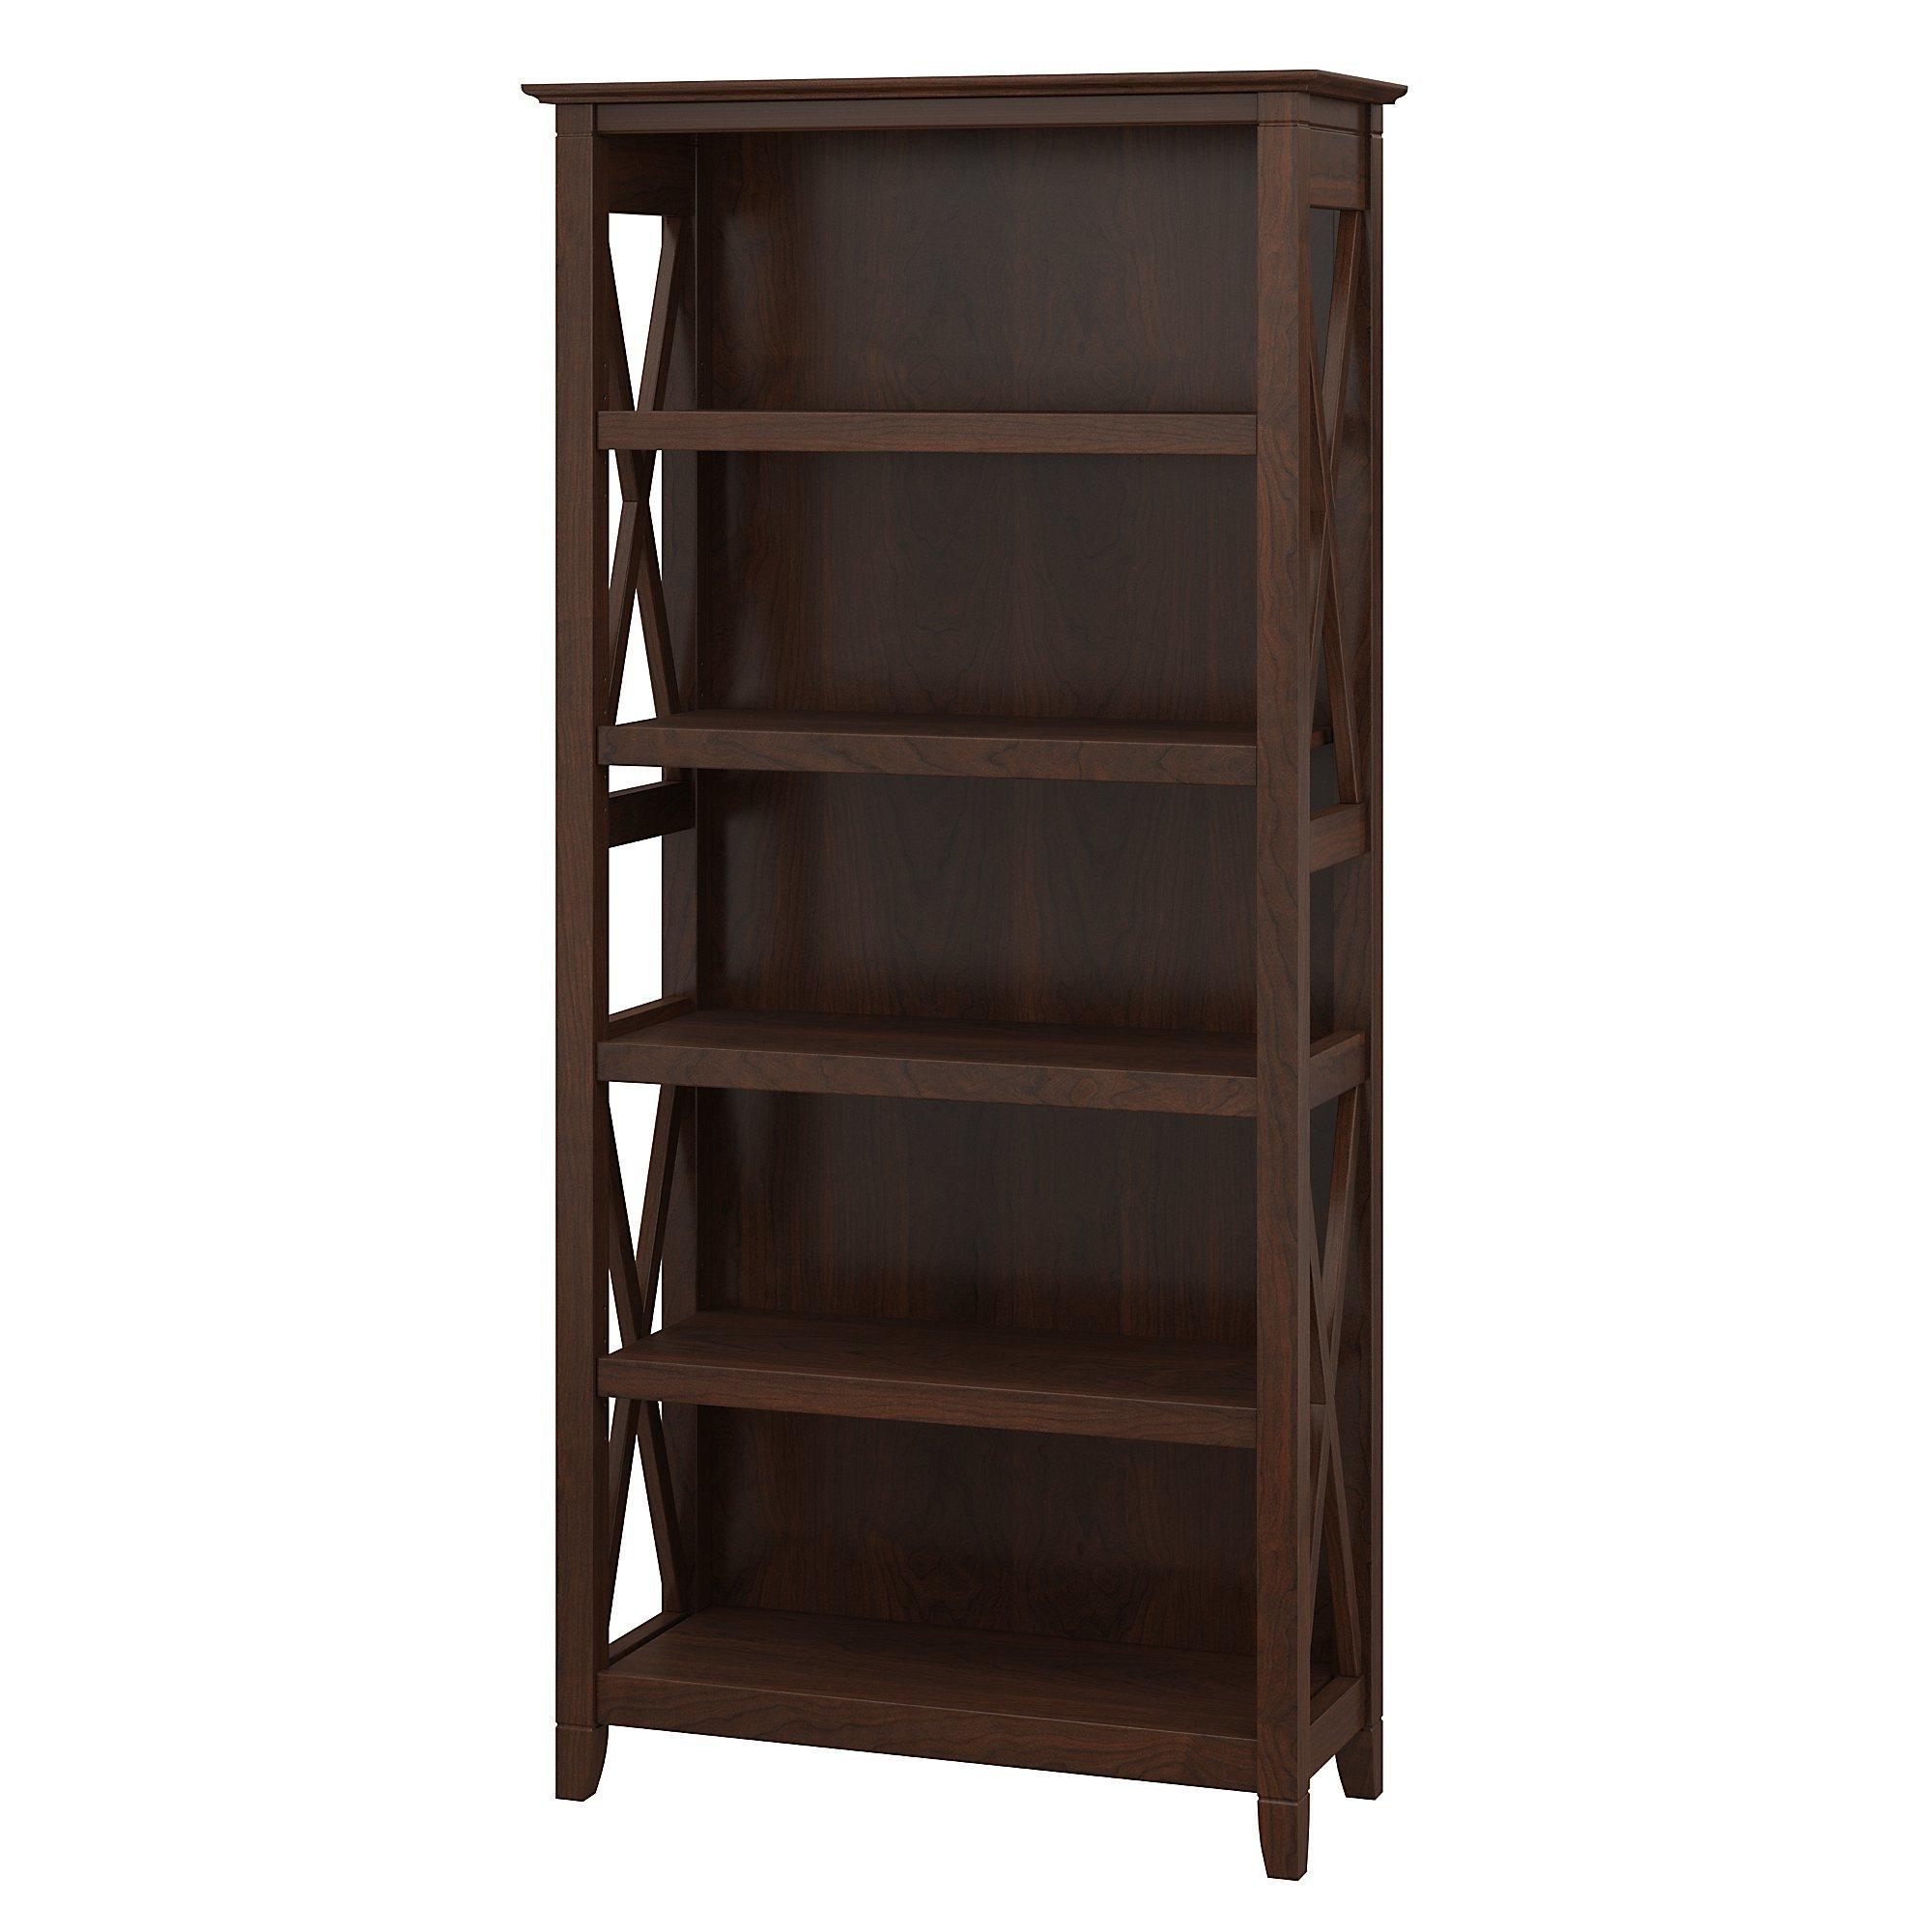 Oridatown Standard Bookcase Regarding 2019 Oridatown Standard Bookcases (View 3 of 20)